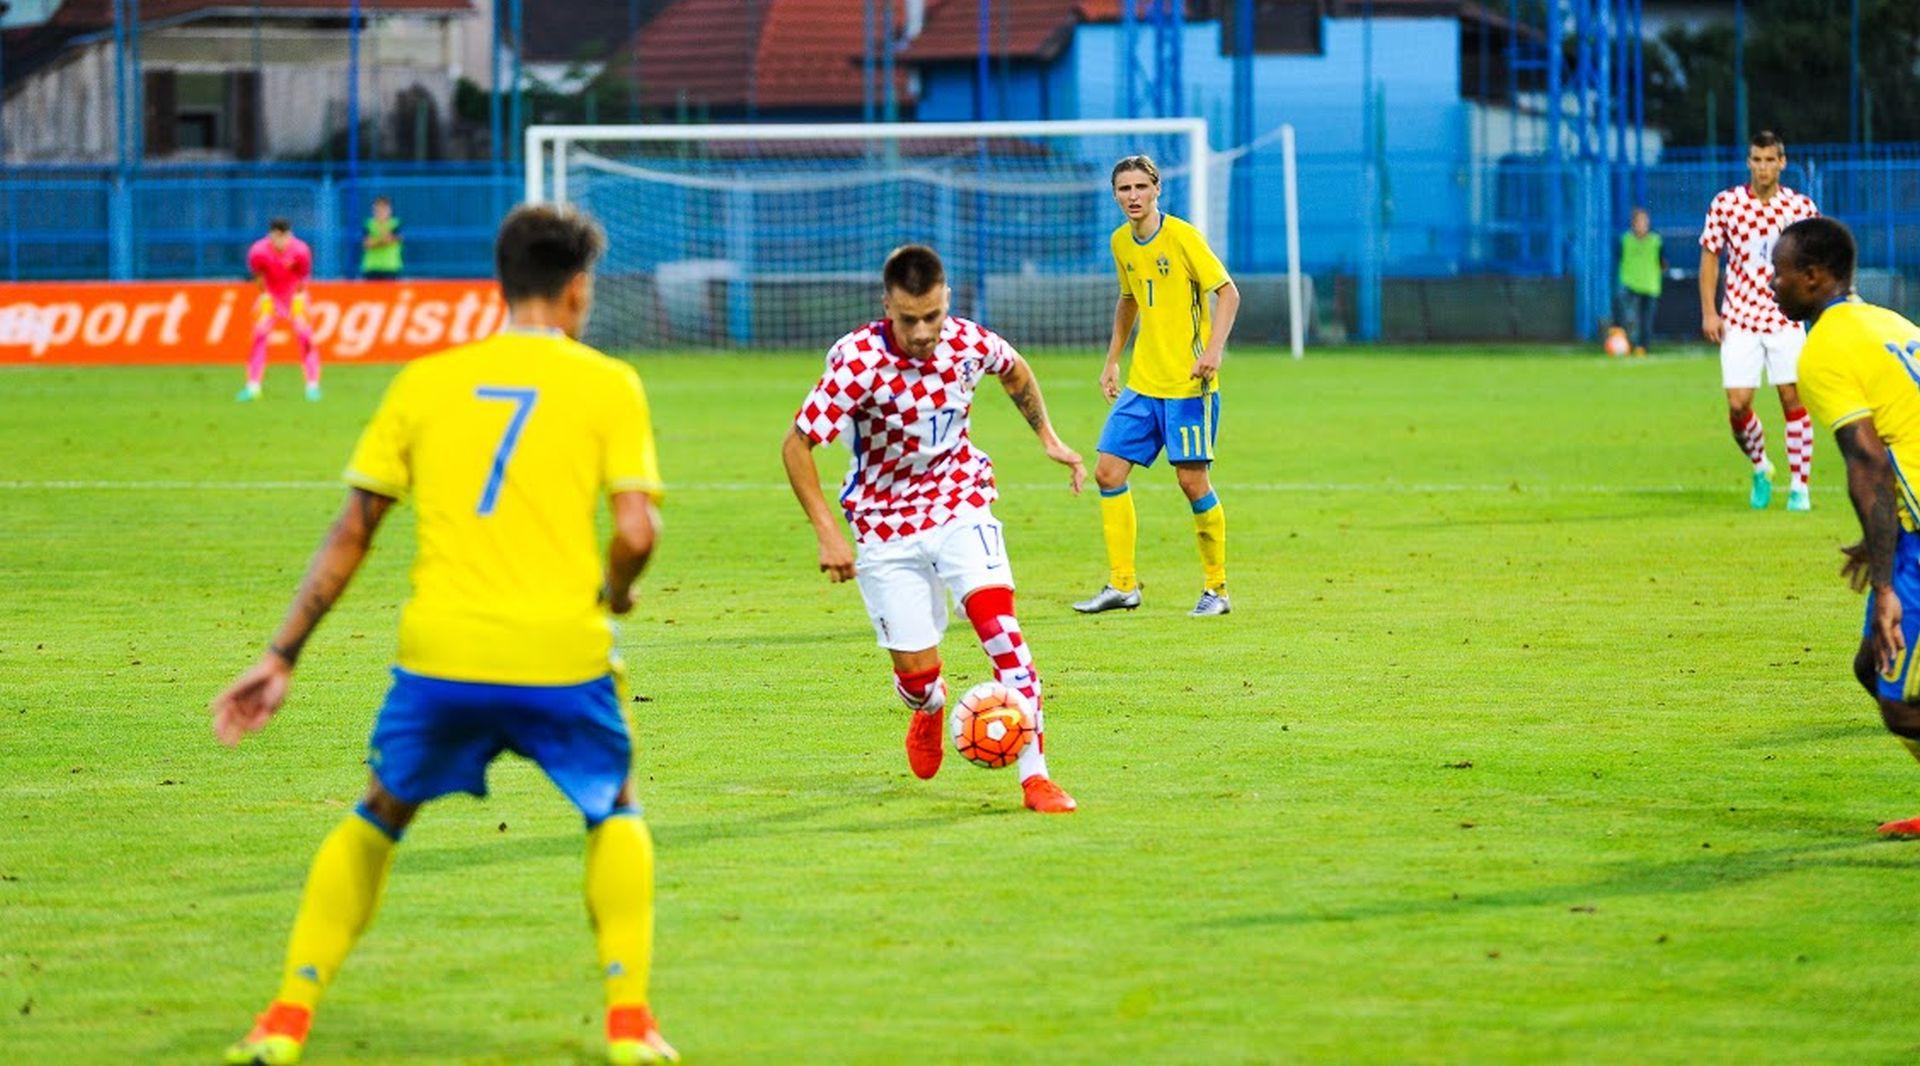 KVALIFIKACIJE U21: Hrvatska – Švedska 1-1